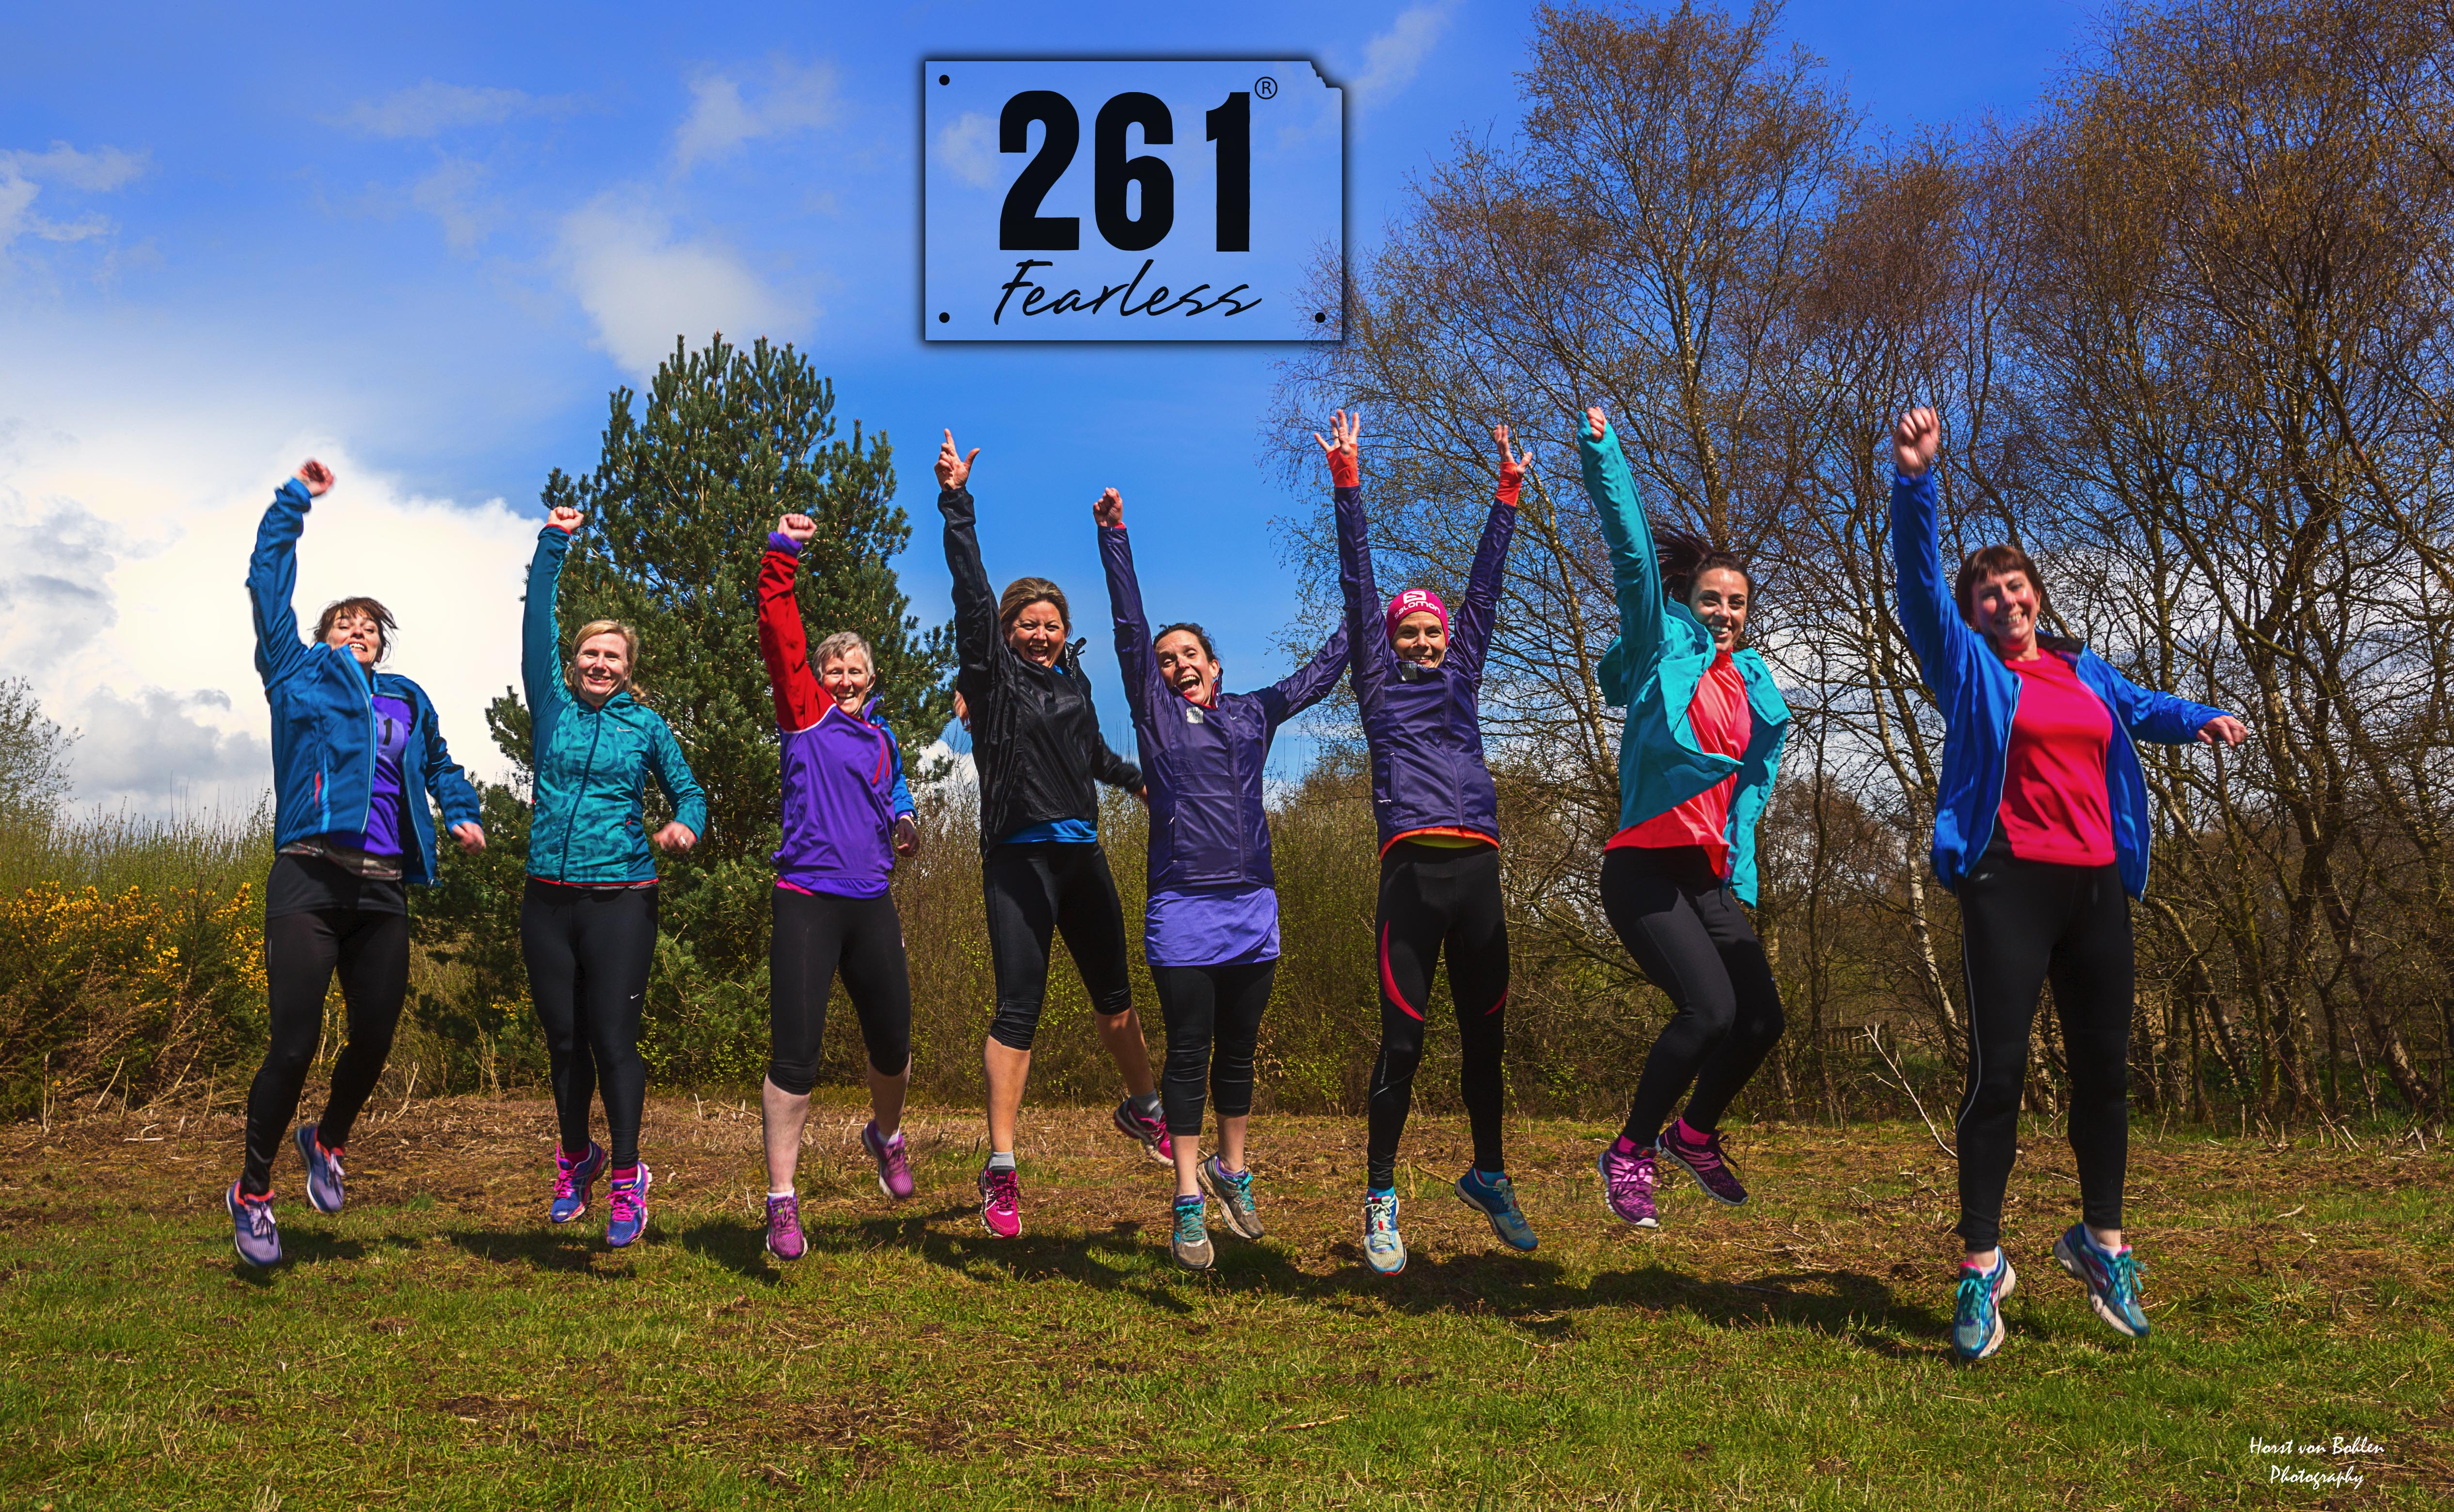 261Fearless running clubs